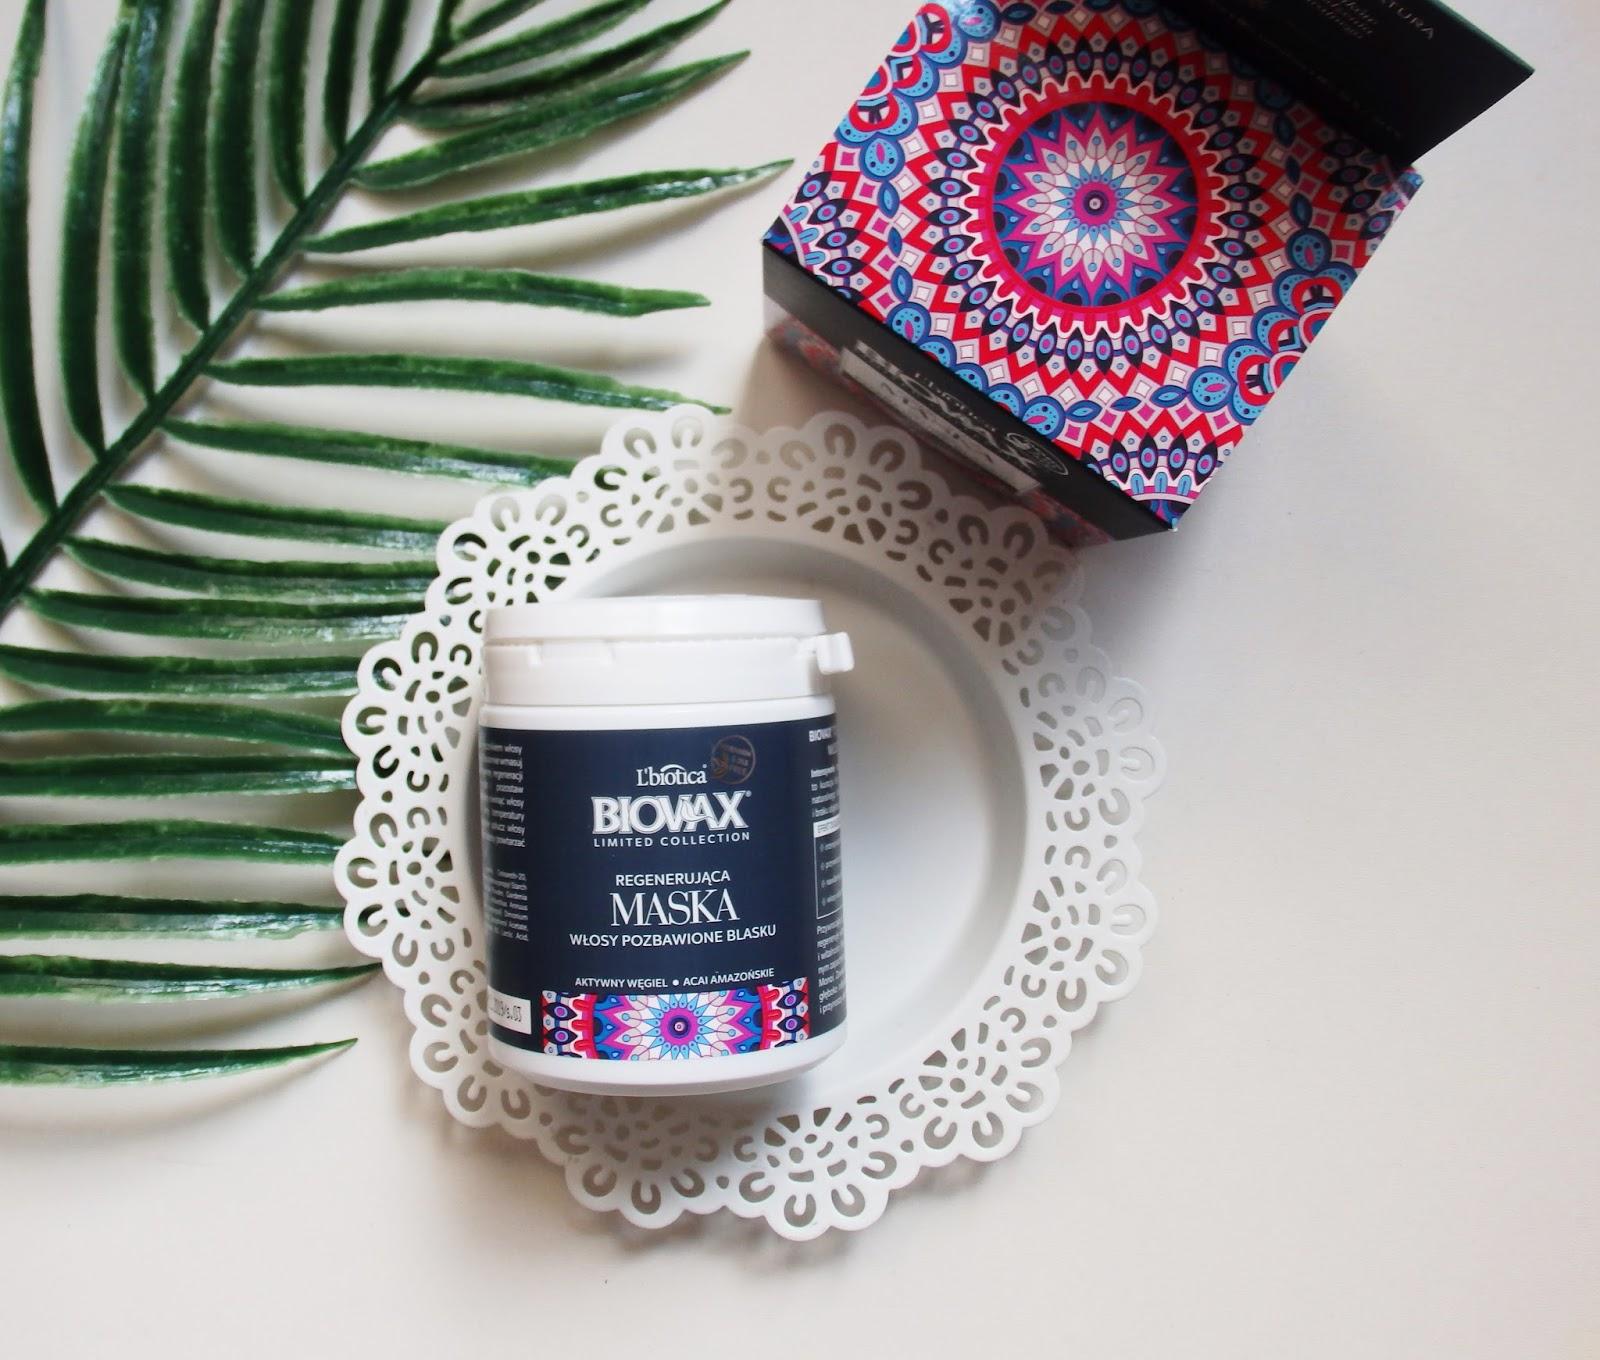 Biovax, regenerująca maska do włosów aktywny węgiel i acai amazońskie